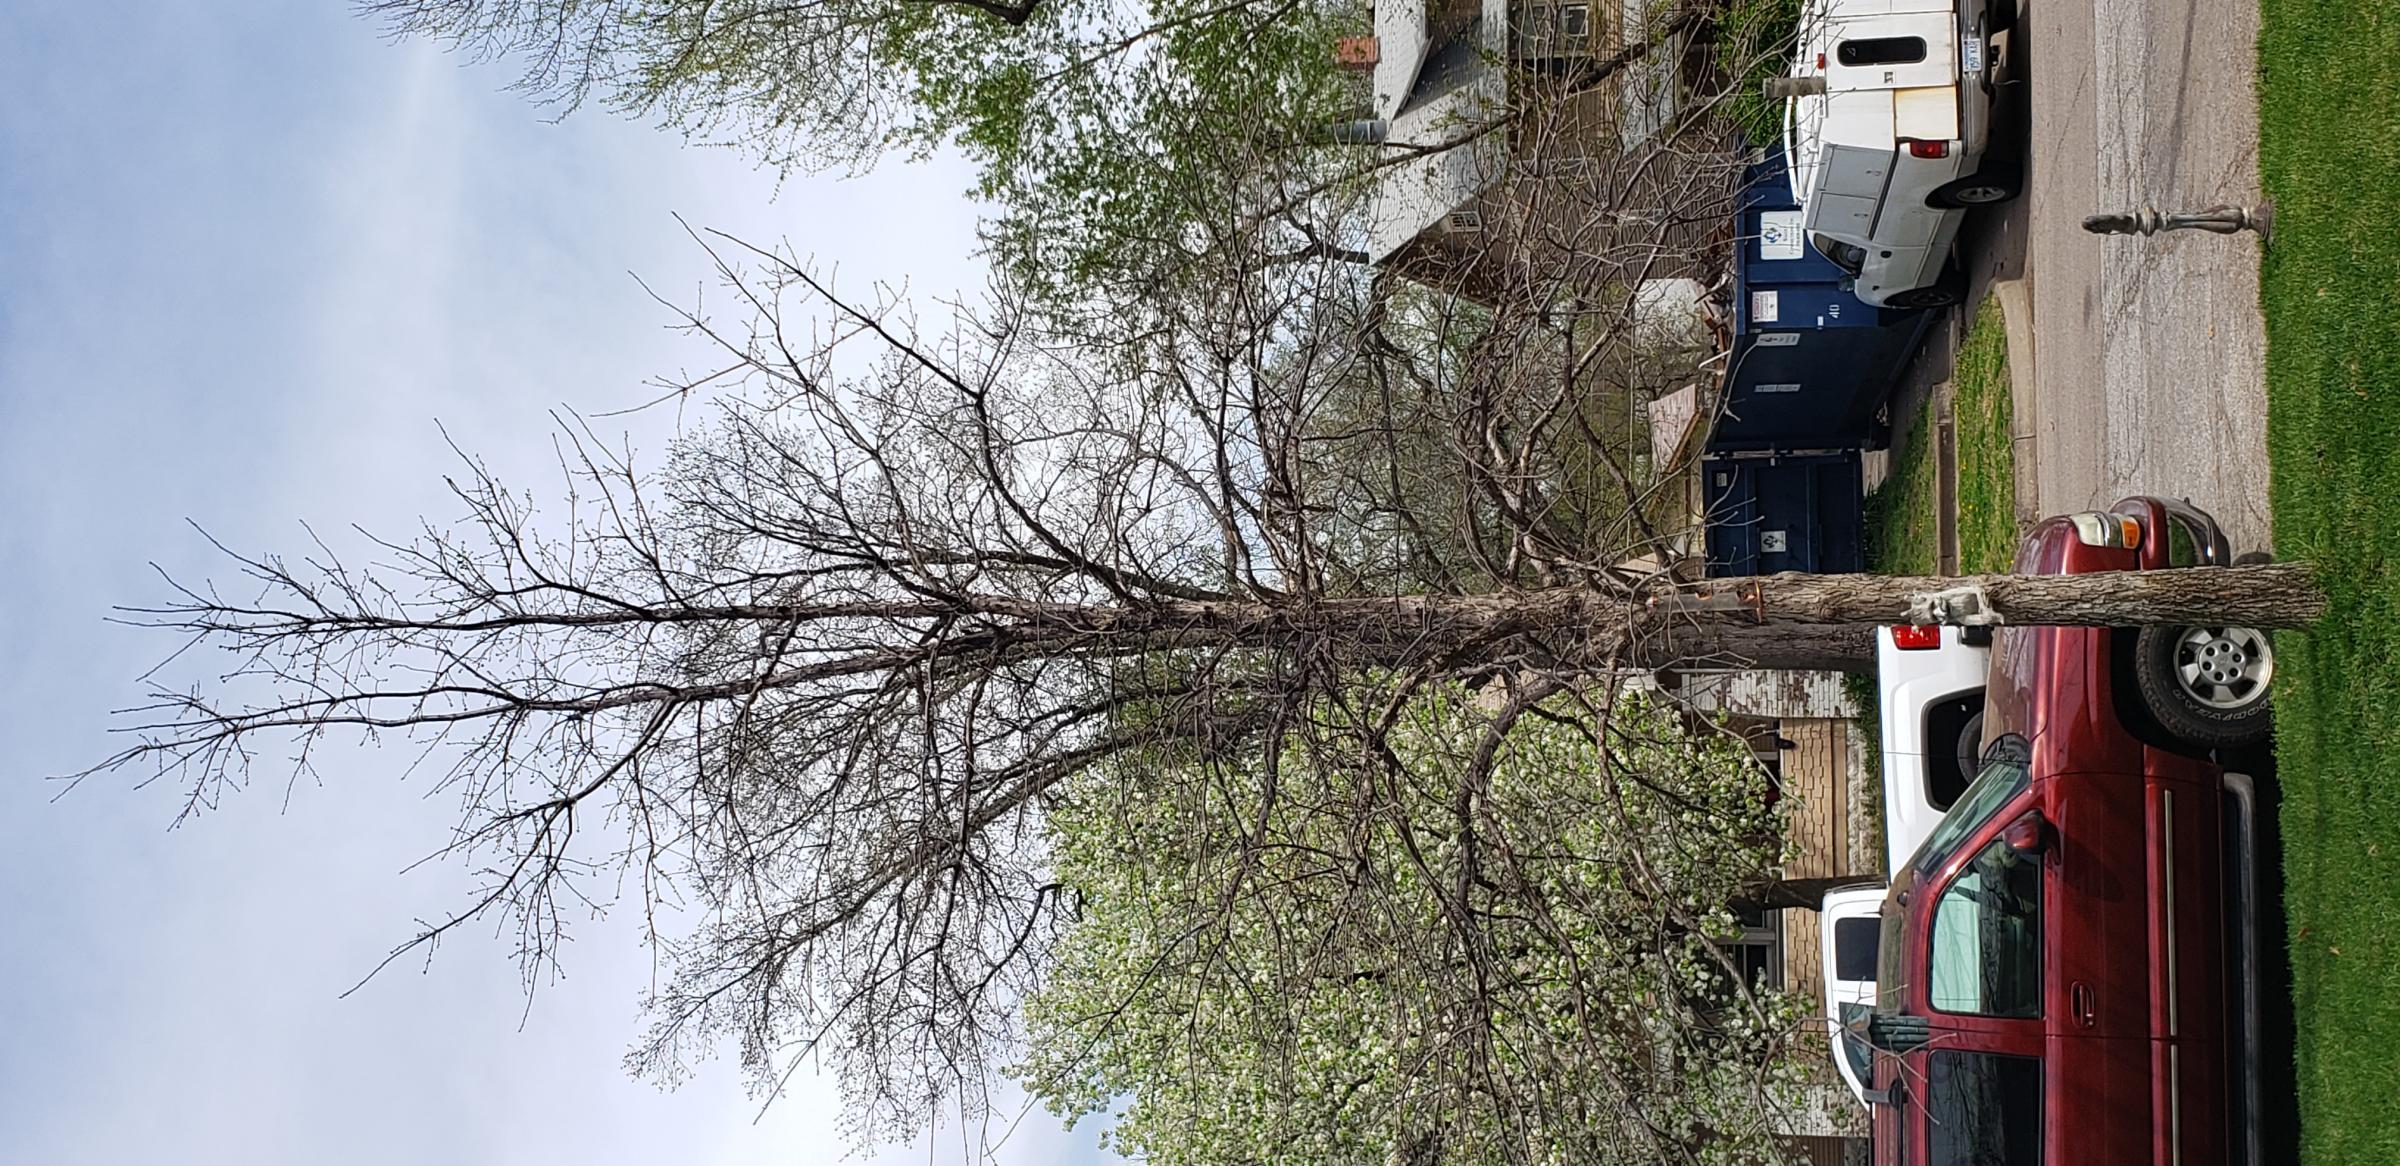 Tree pruning-20190409_151724_1555324927140.jpg